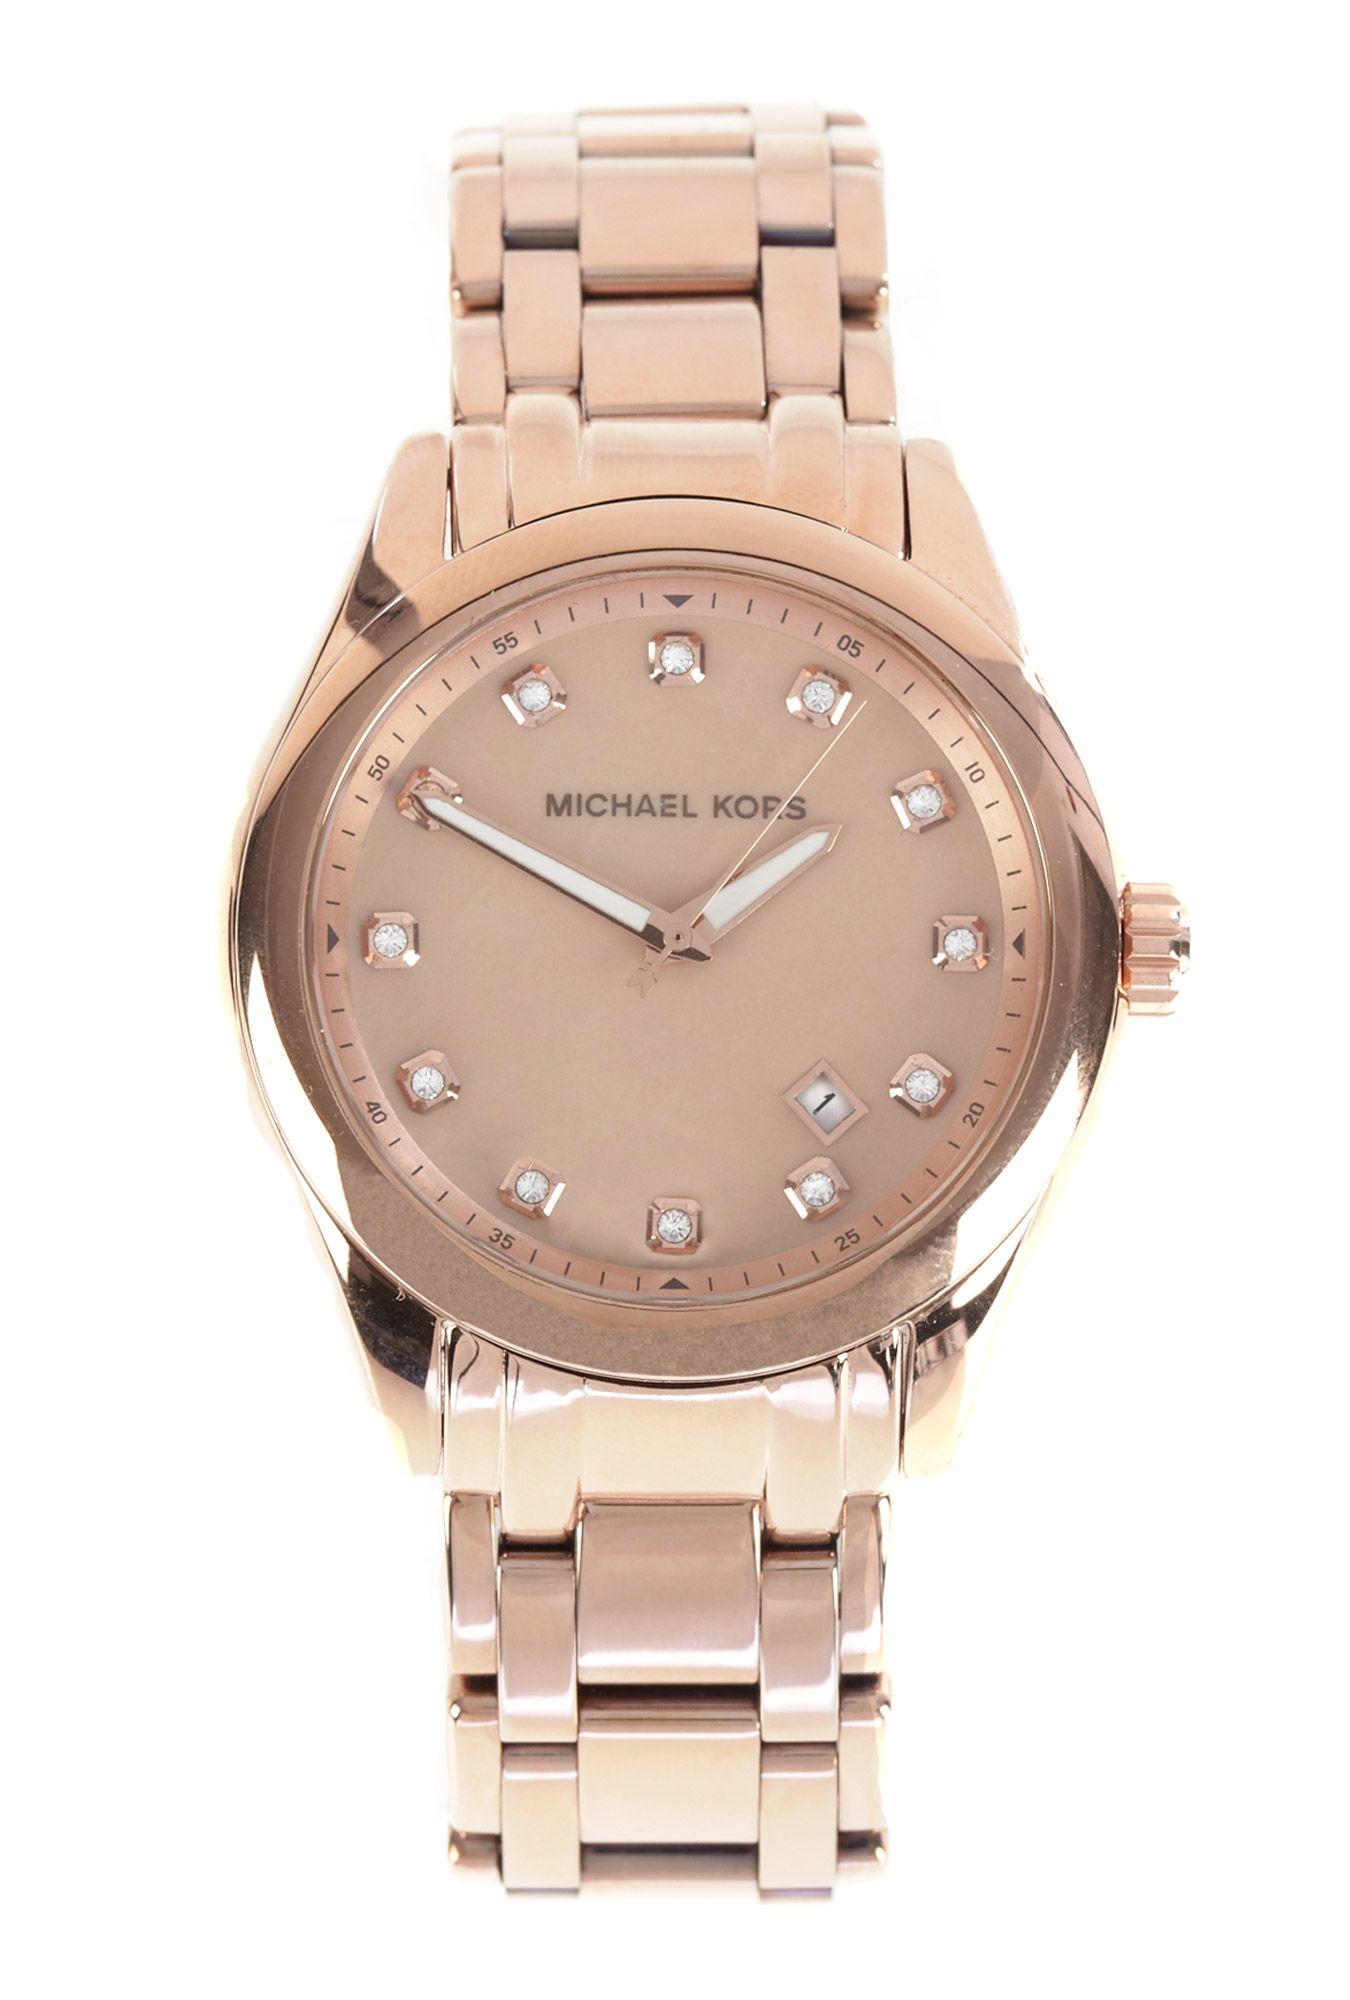 f4319cb9d528e Adoro relógios e acessórios em geral em ouro rosa, ou simplesmente em  dourado rosado. O meu consorte deu-me um colar no natal do ano passado.